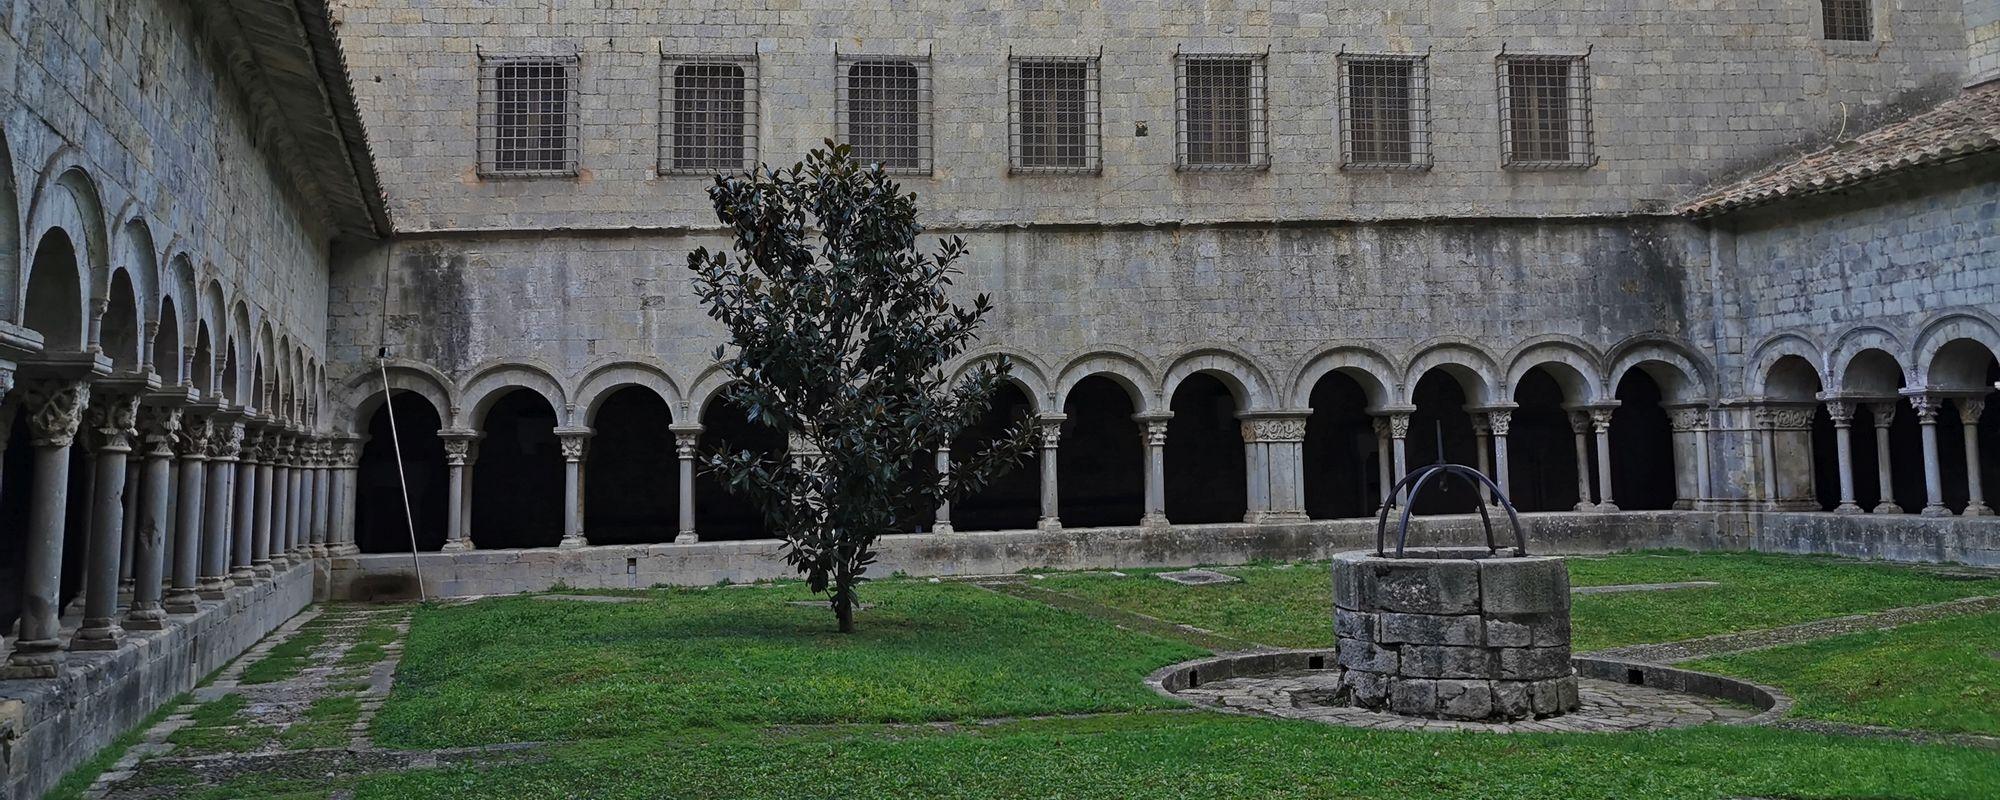 Mânăstire din Girona. Ce poți să îți mai dorești? (Mă rog, îți dorești să poți pleca oricând vrei).